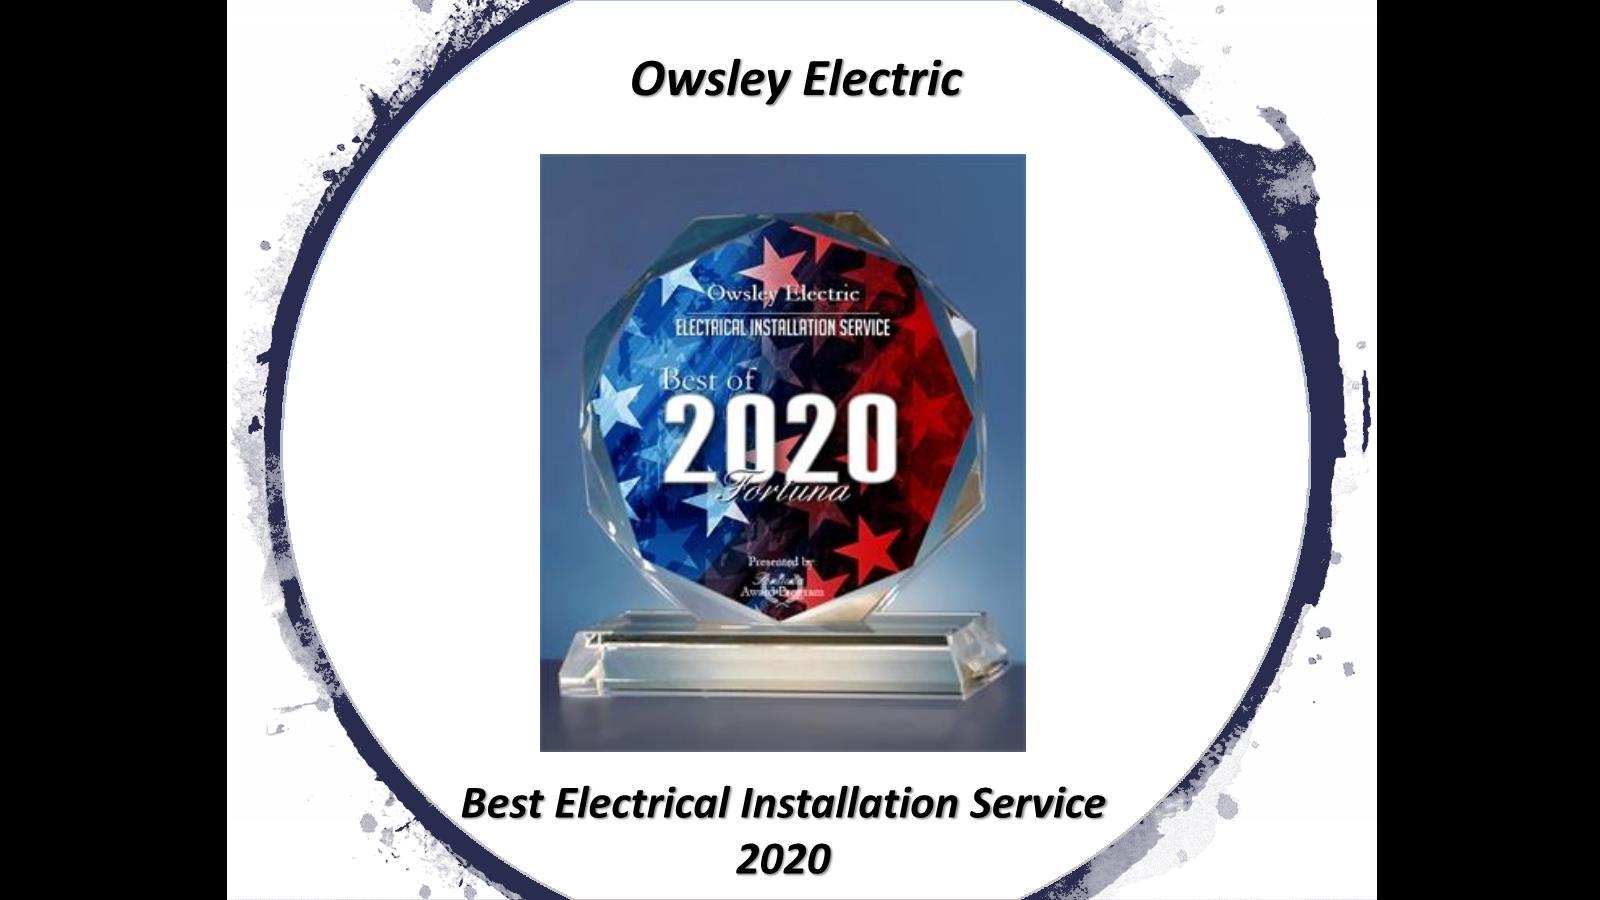 2020 Best Electrician Award